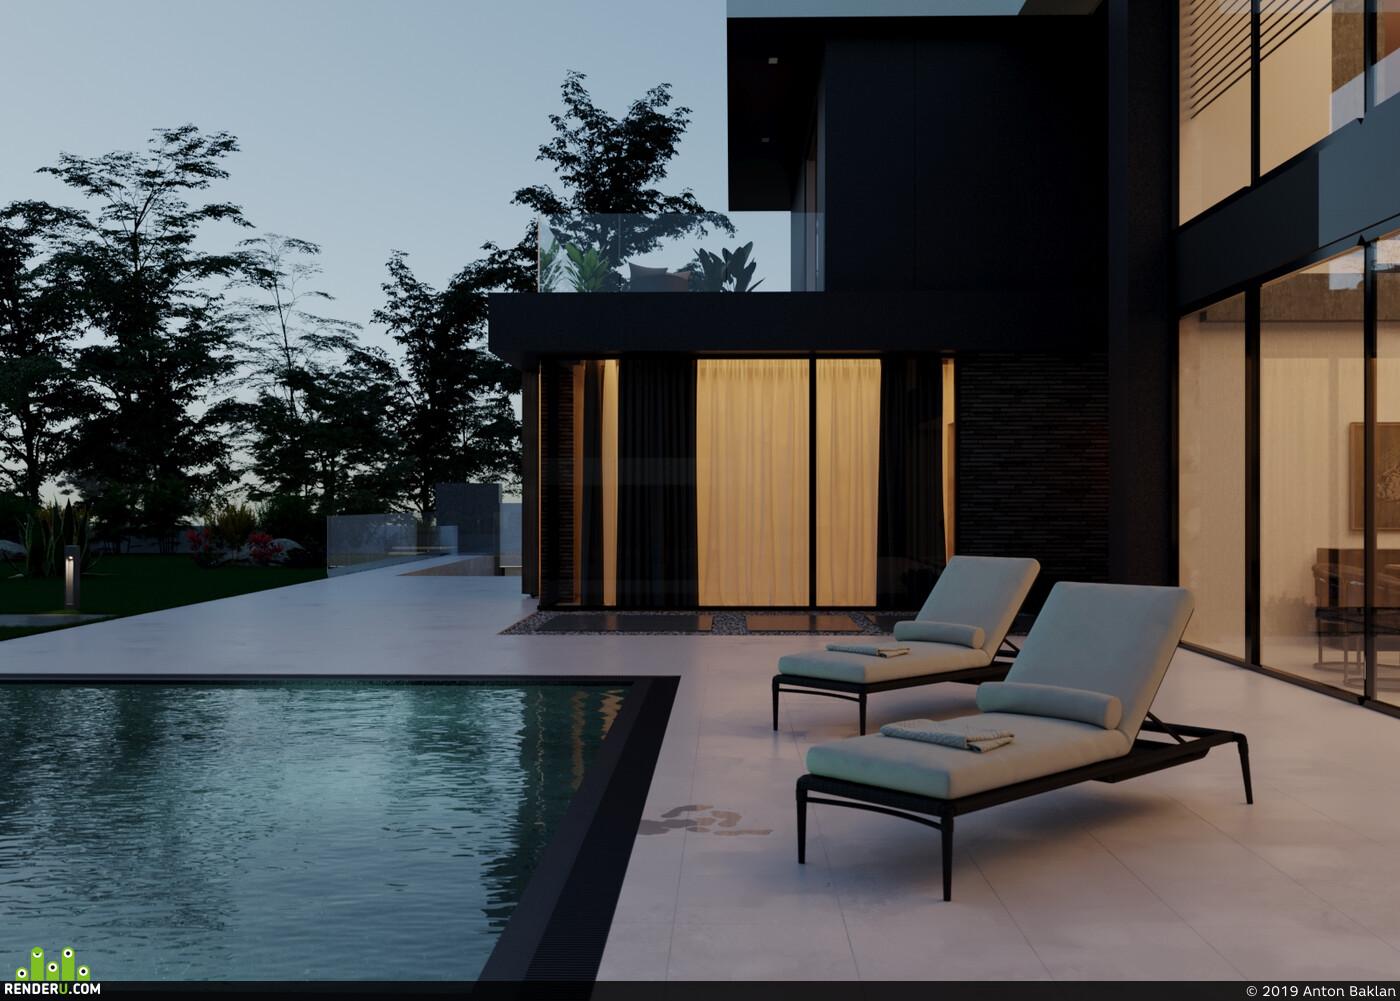 архитектура, минимализм, коттедж, дизайнсочи, архитектурасочи